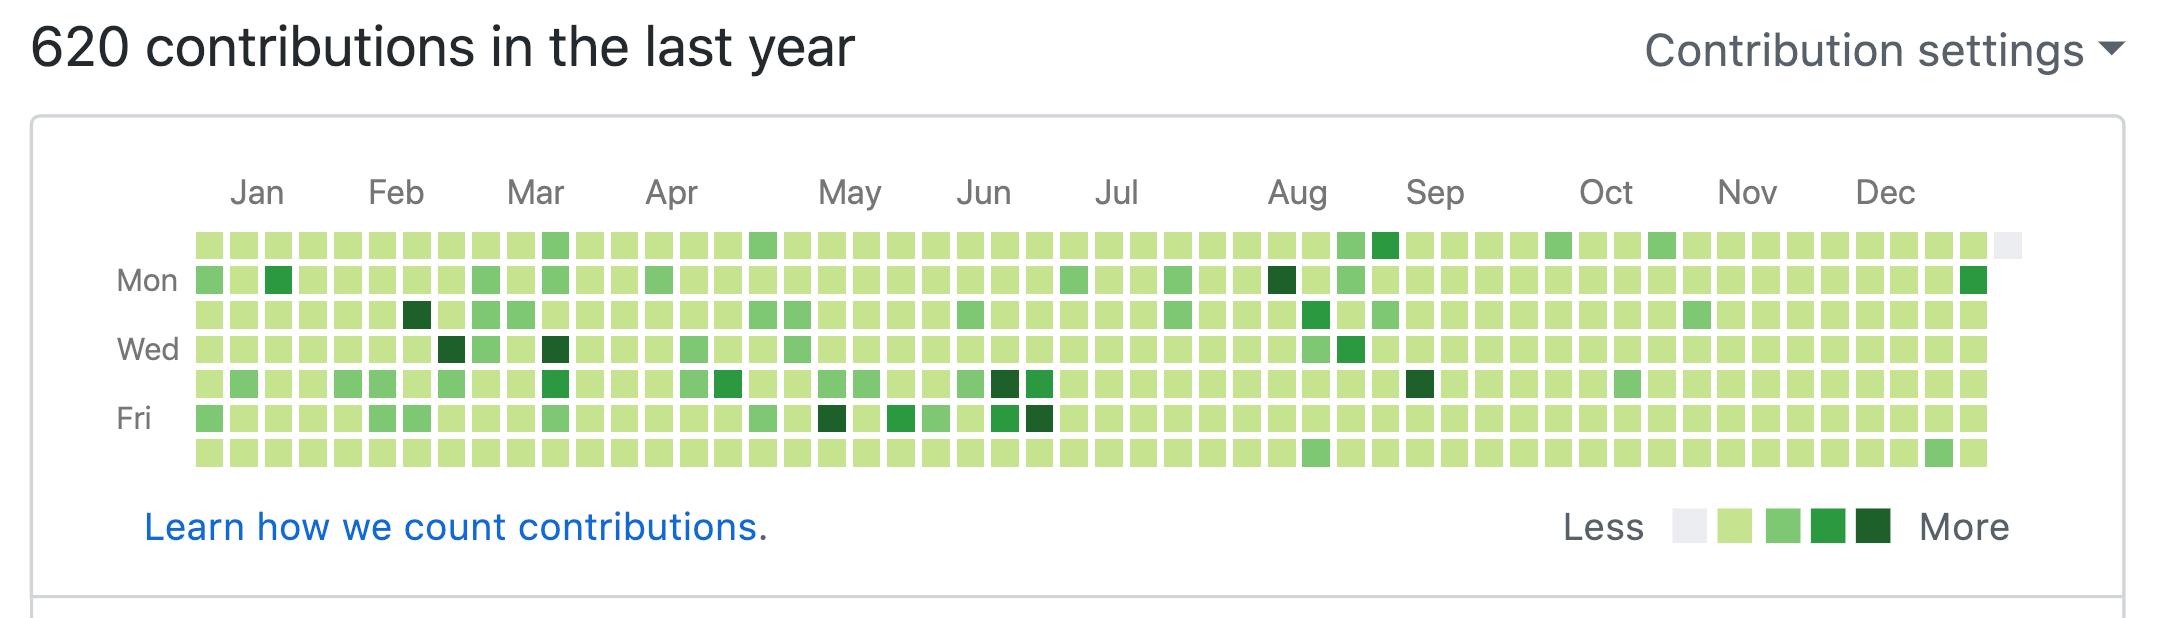 GitHubへのコミット